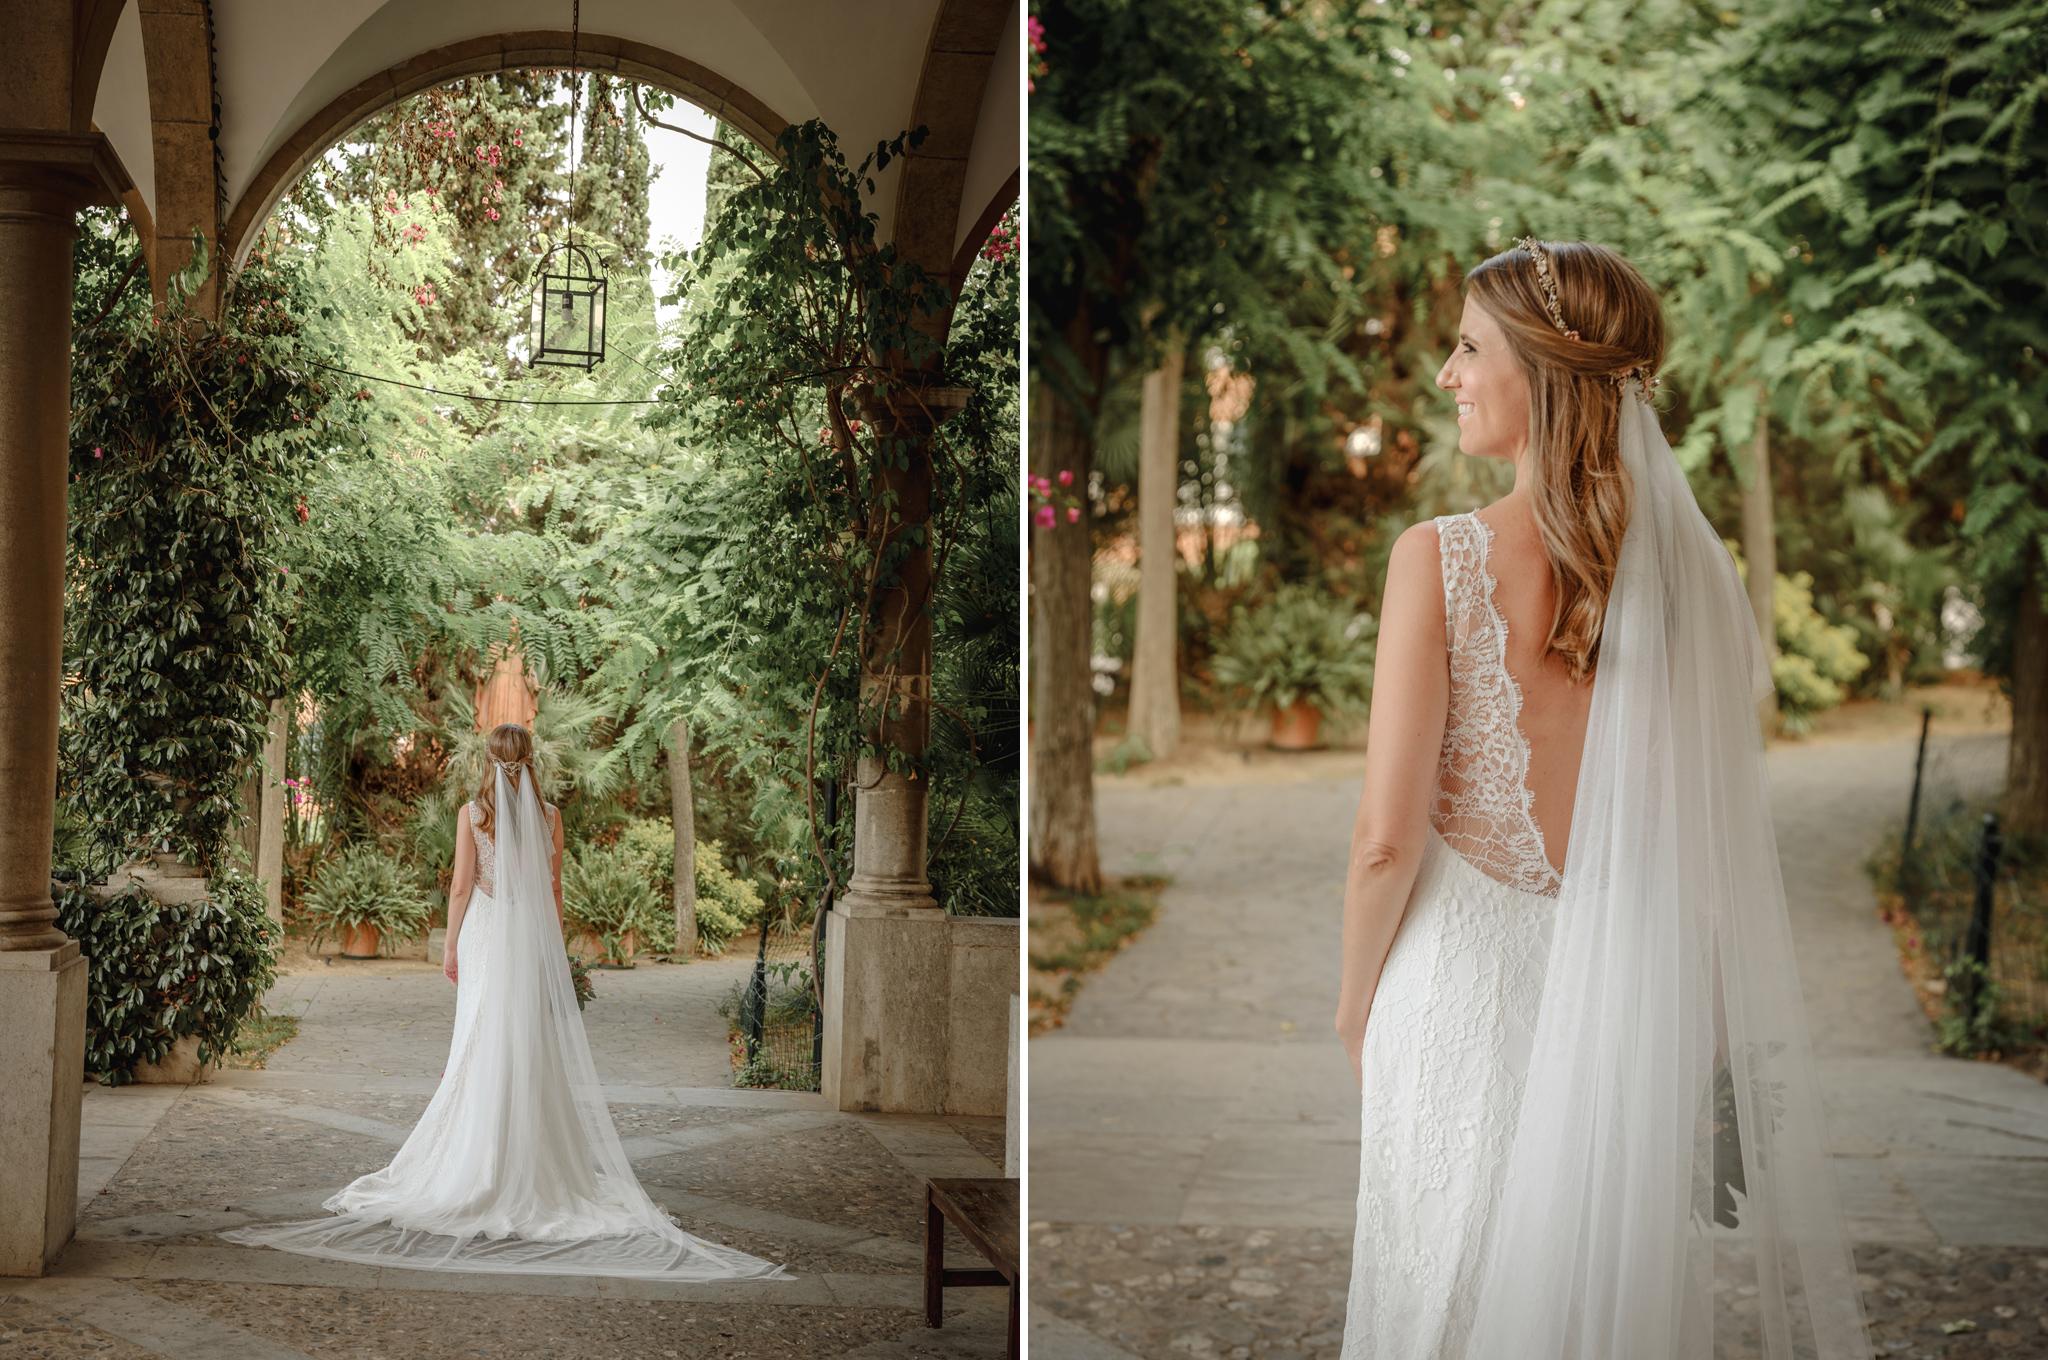 fotografia bodas torre dels lleons0053.jpg